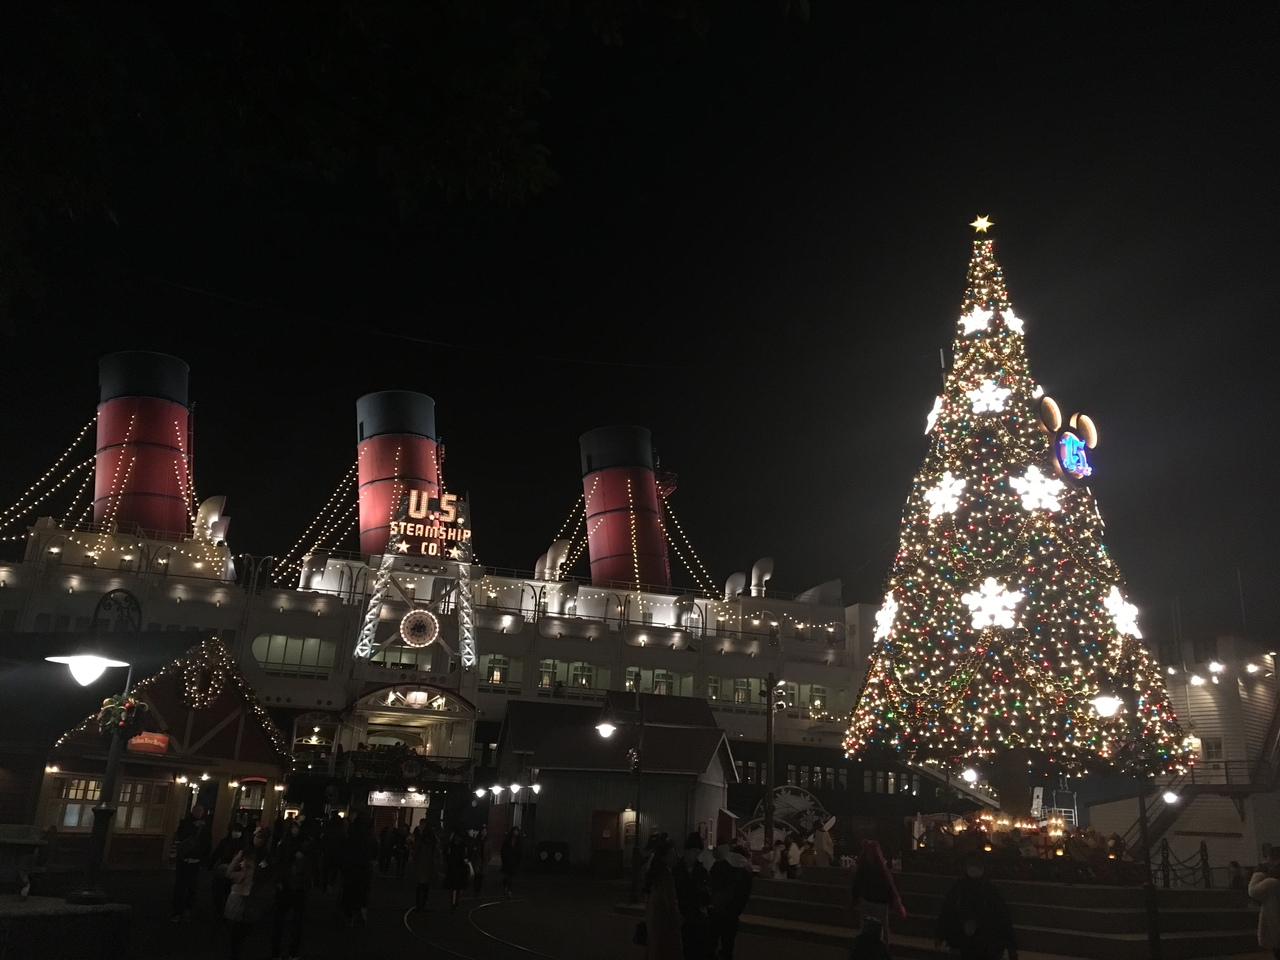 ひとりでクリスマスのディズニーシーへ。2016』東京ディズニーリゾート